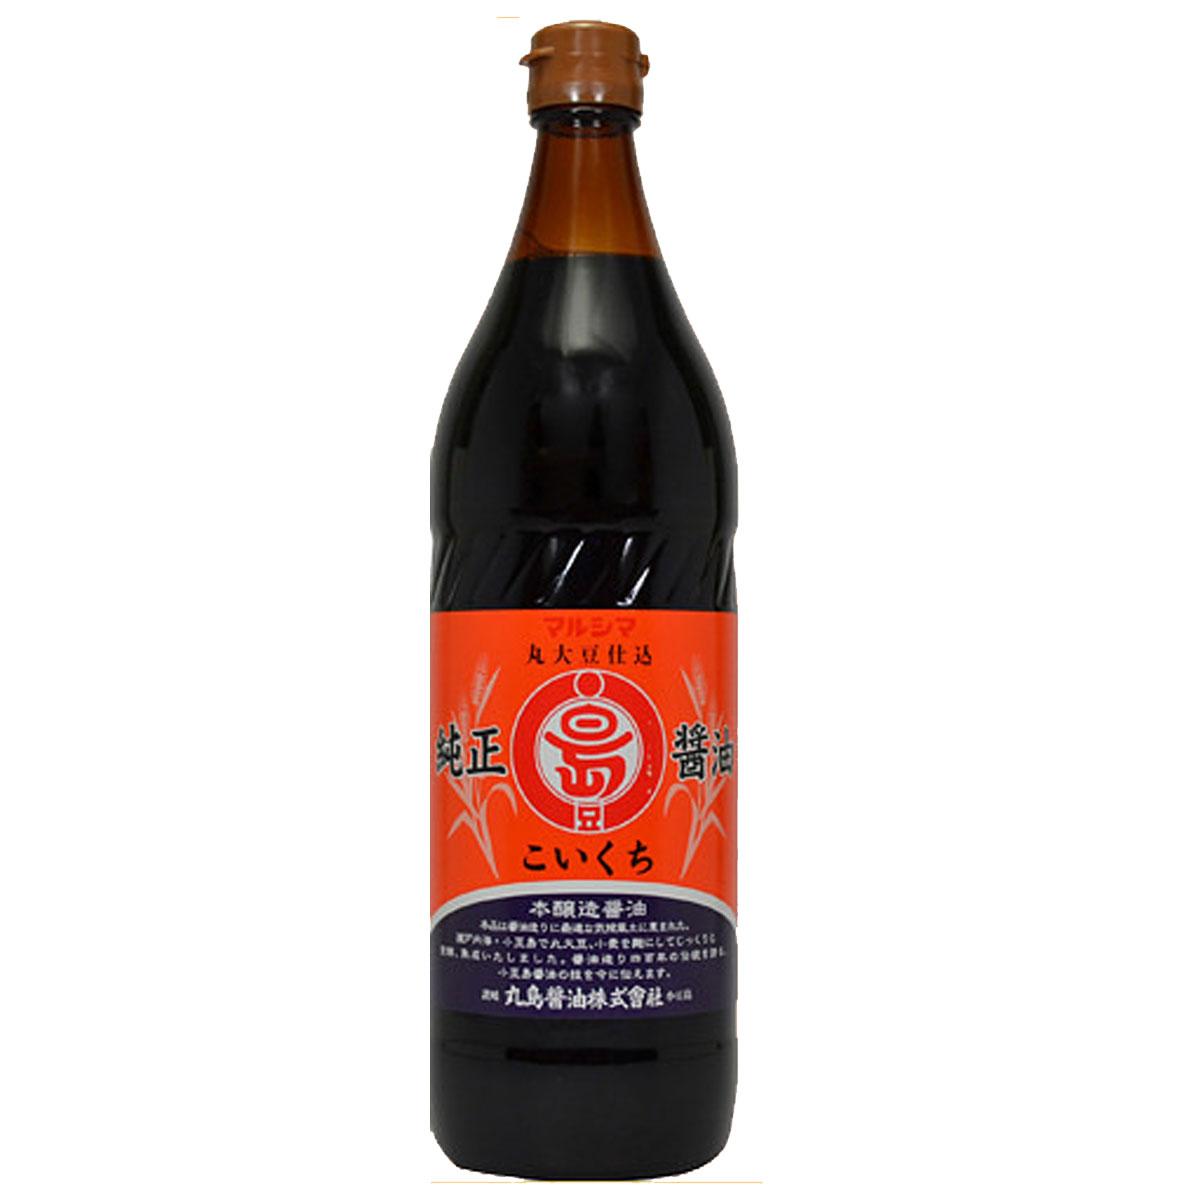 3980円以上で送料無料 北海道のお届けはキャンセル致します 丸島醤油 純正醤油 濃口 1本 マルシマ 最新アイテム アイテム勢ぞろい 瓶 900ml